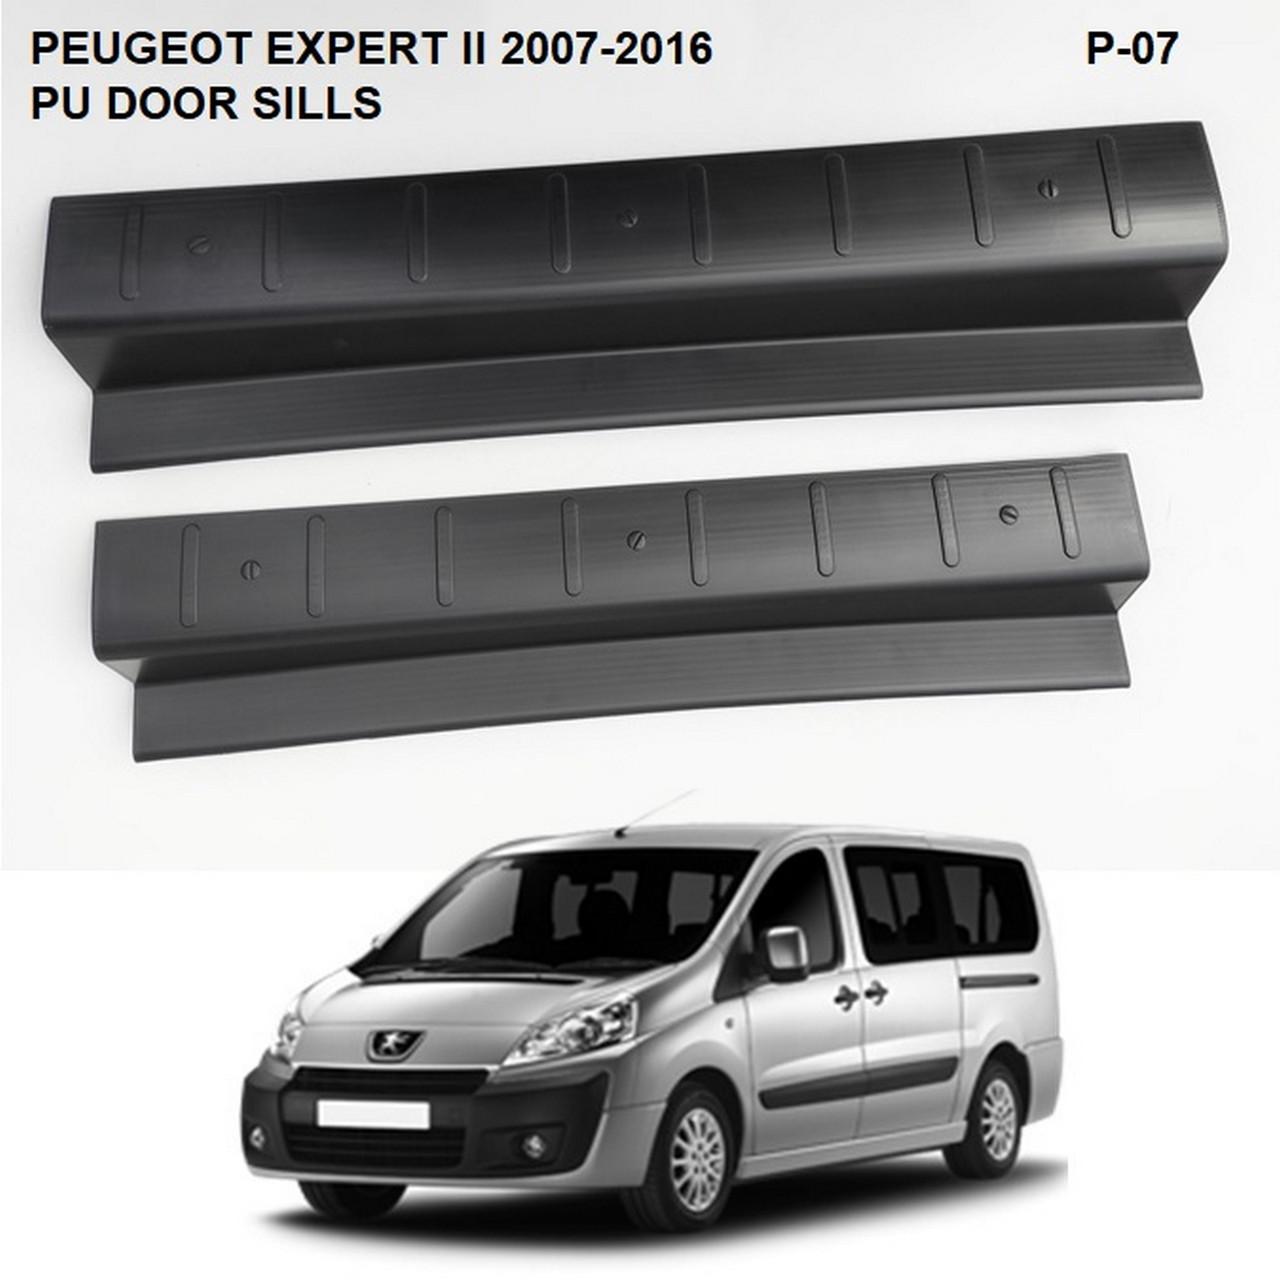 Пластикові захисні накладки на пороги для Peugeot Expert II 2007-2016